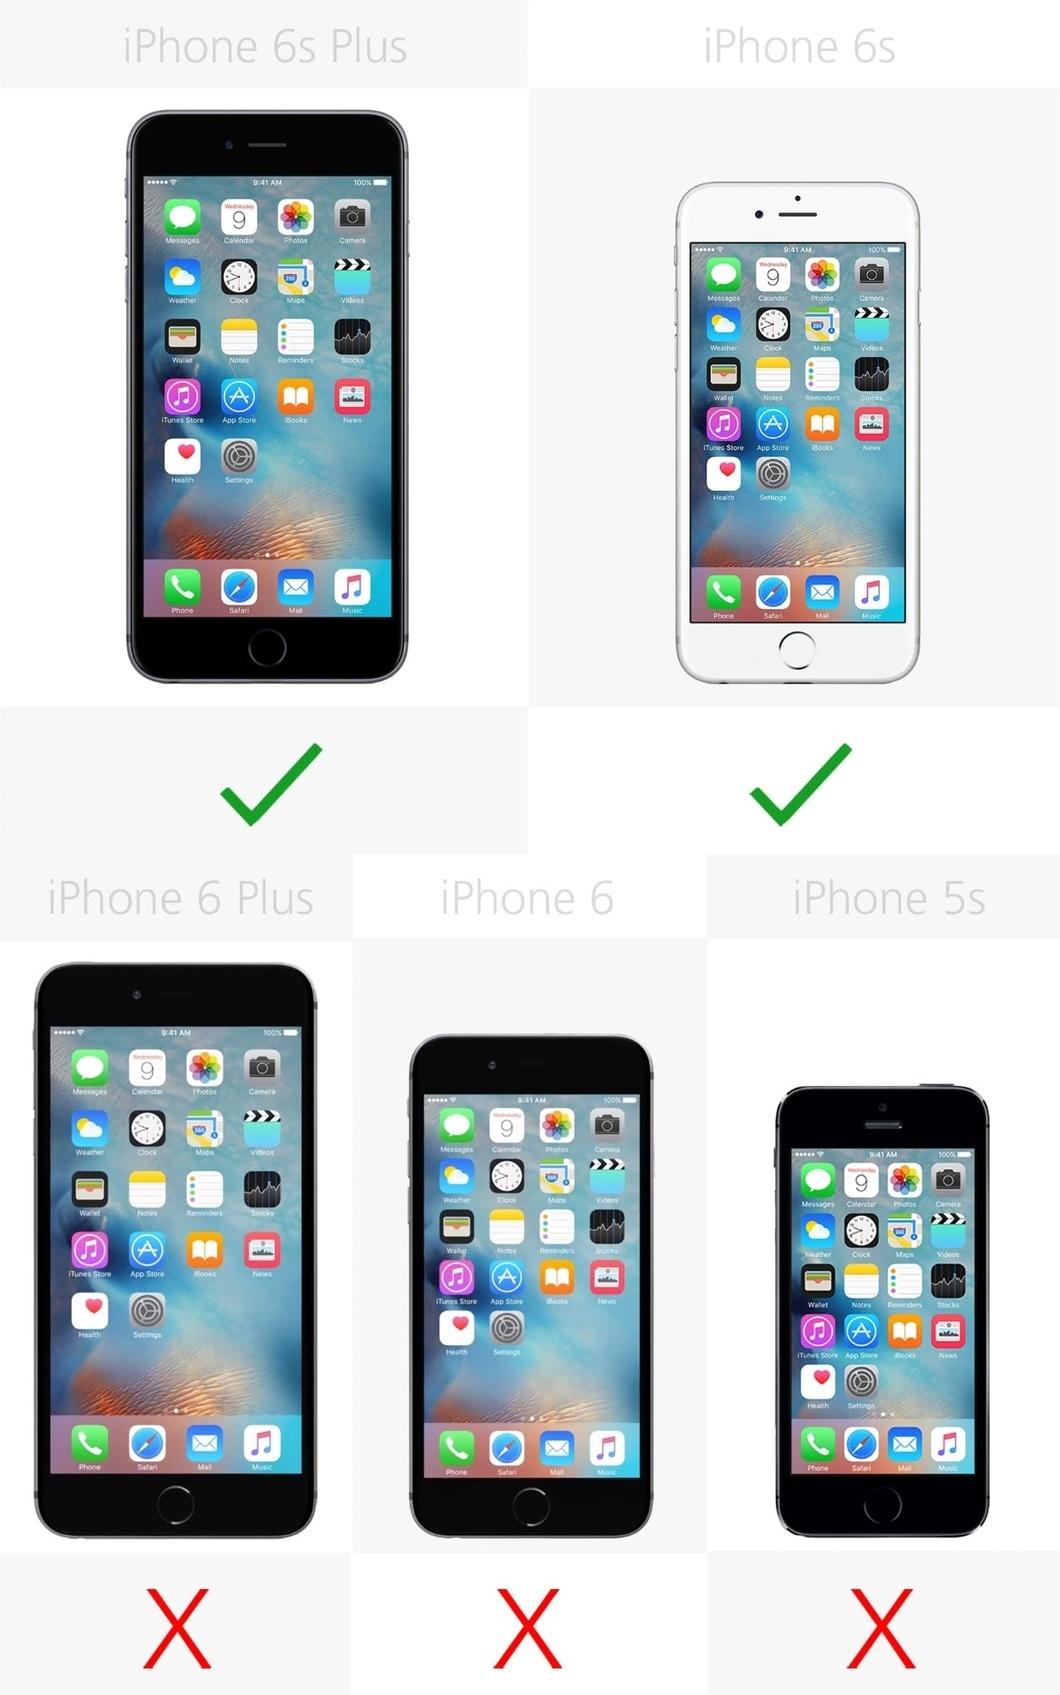 Chỉ iPhone 6s Plus và iPhone 6s sở hữu công nghệ cảm ứng 3D Touch